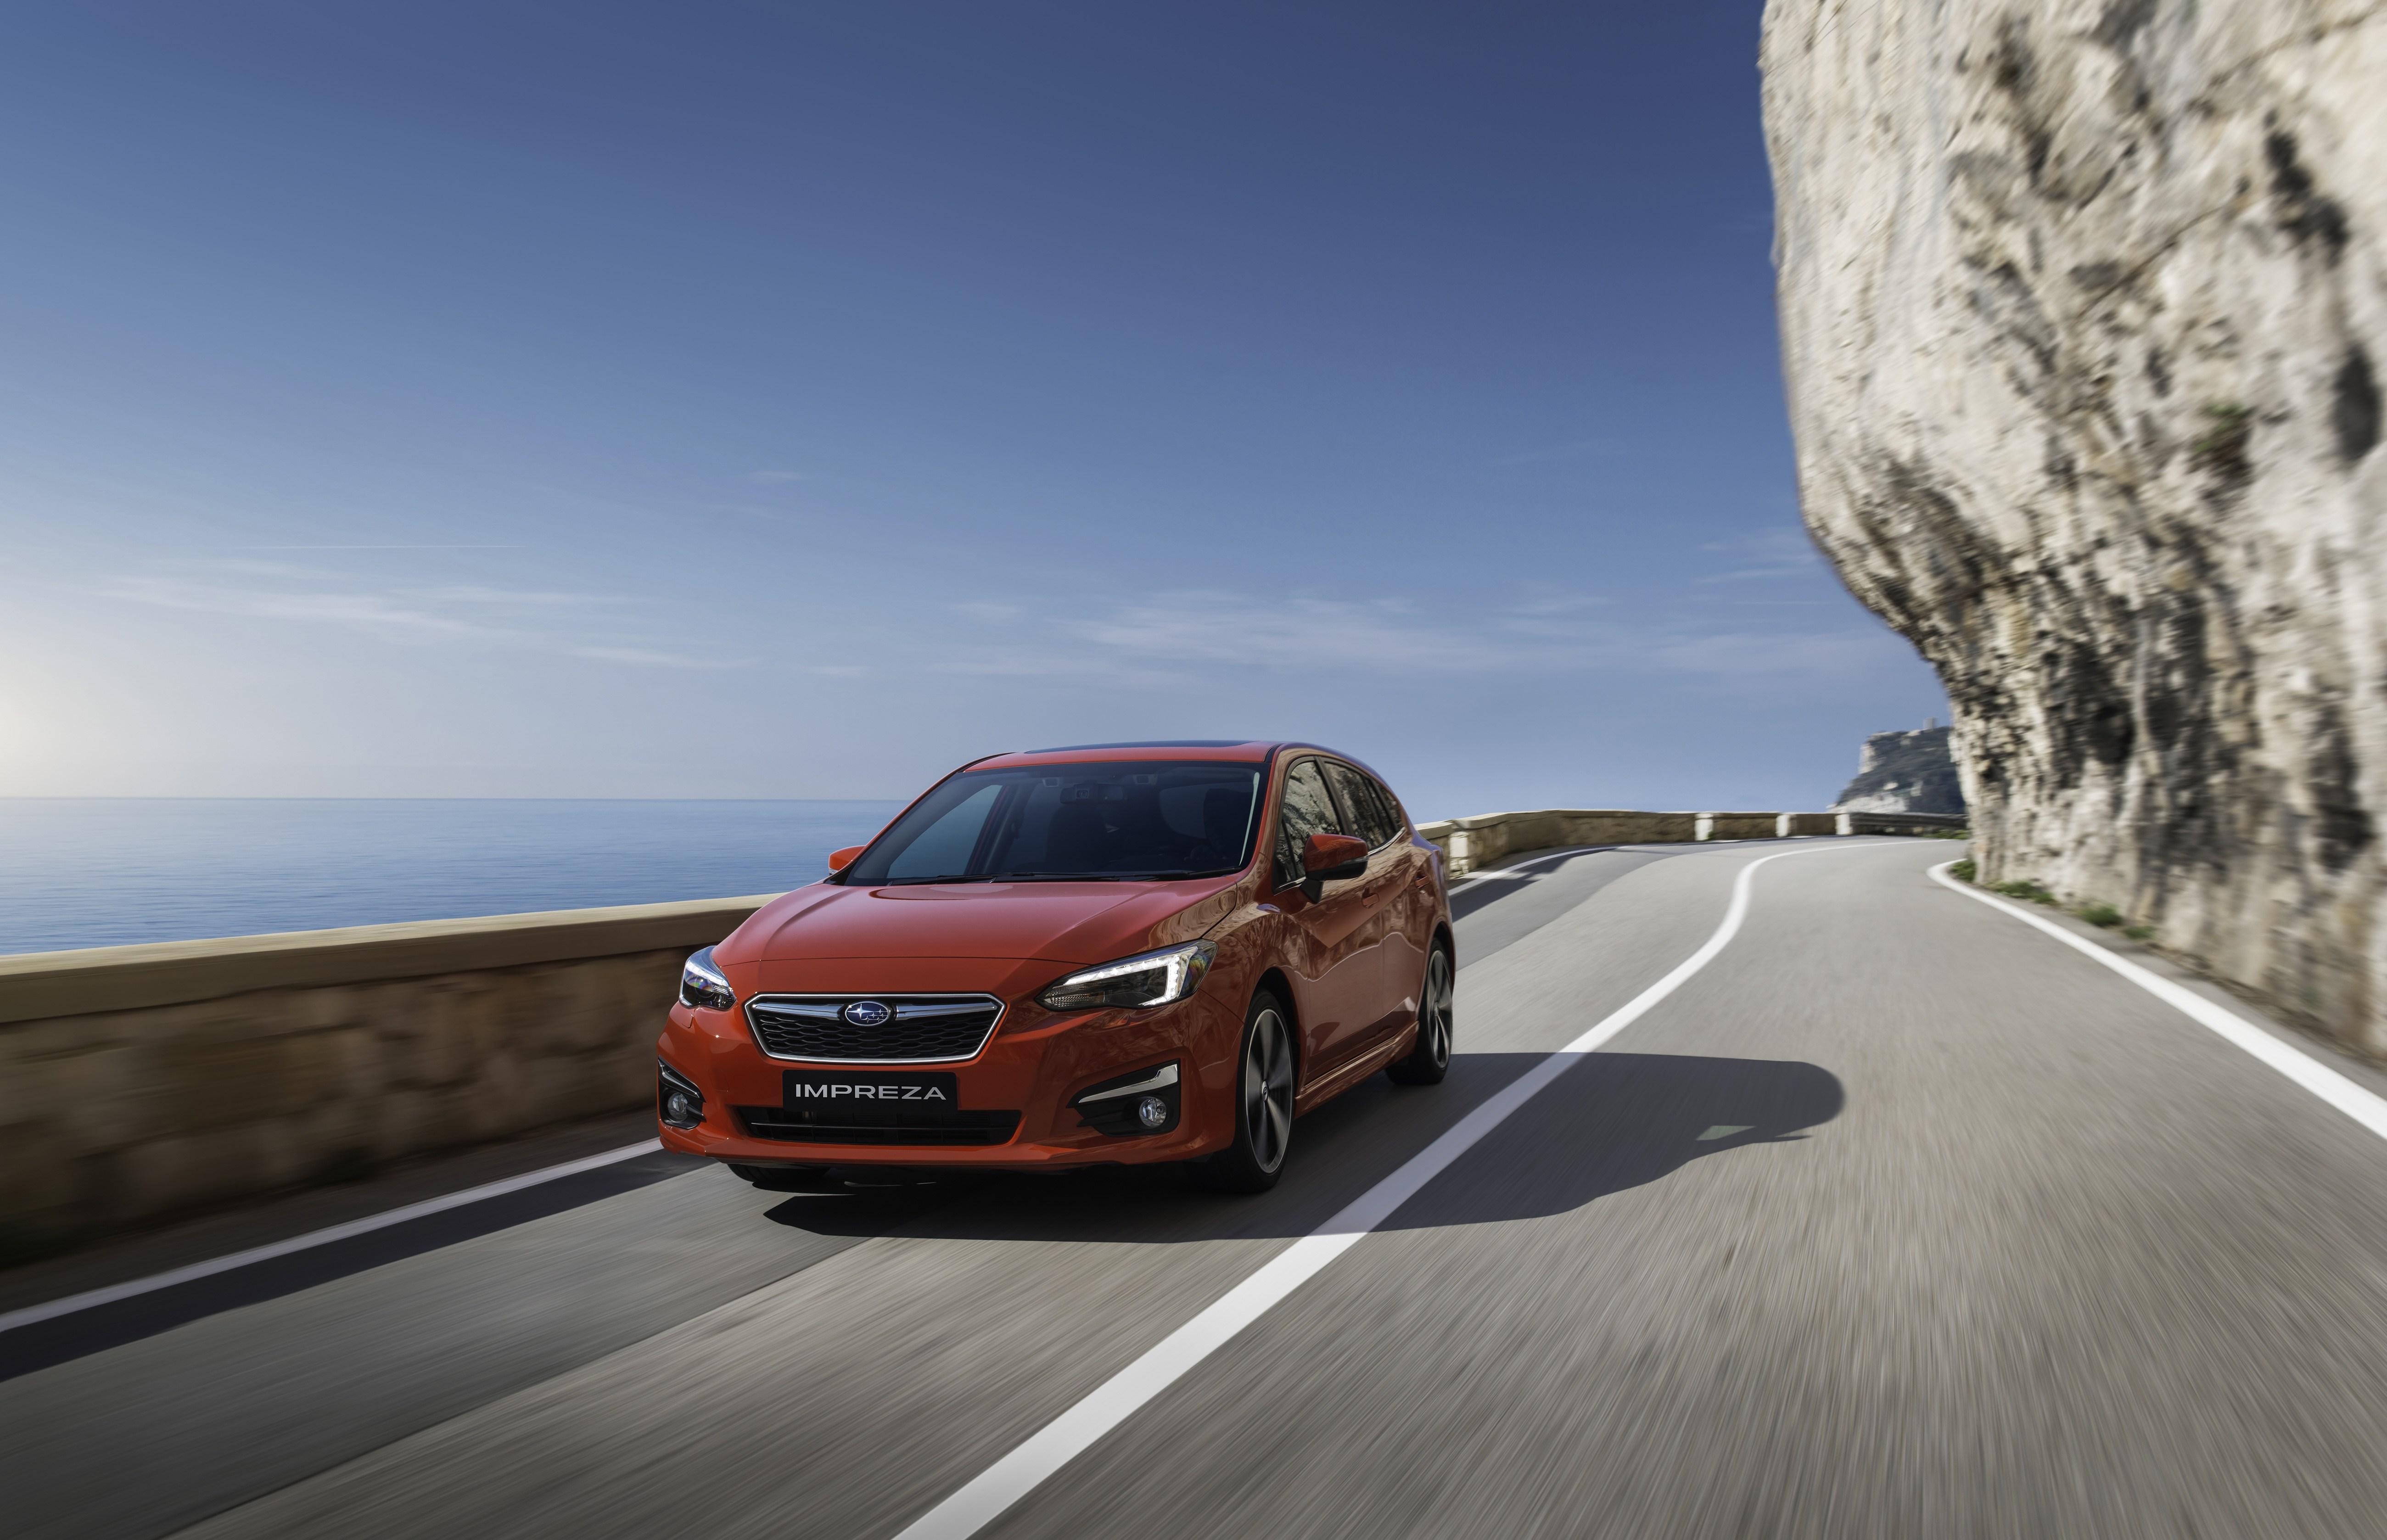 Πέντε αστέρια από το Euro NCAP για τα νέα Subaru XV και Impreza